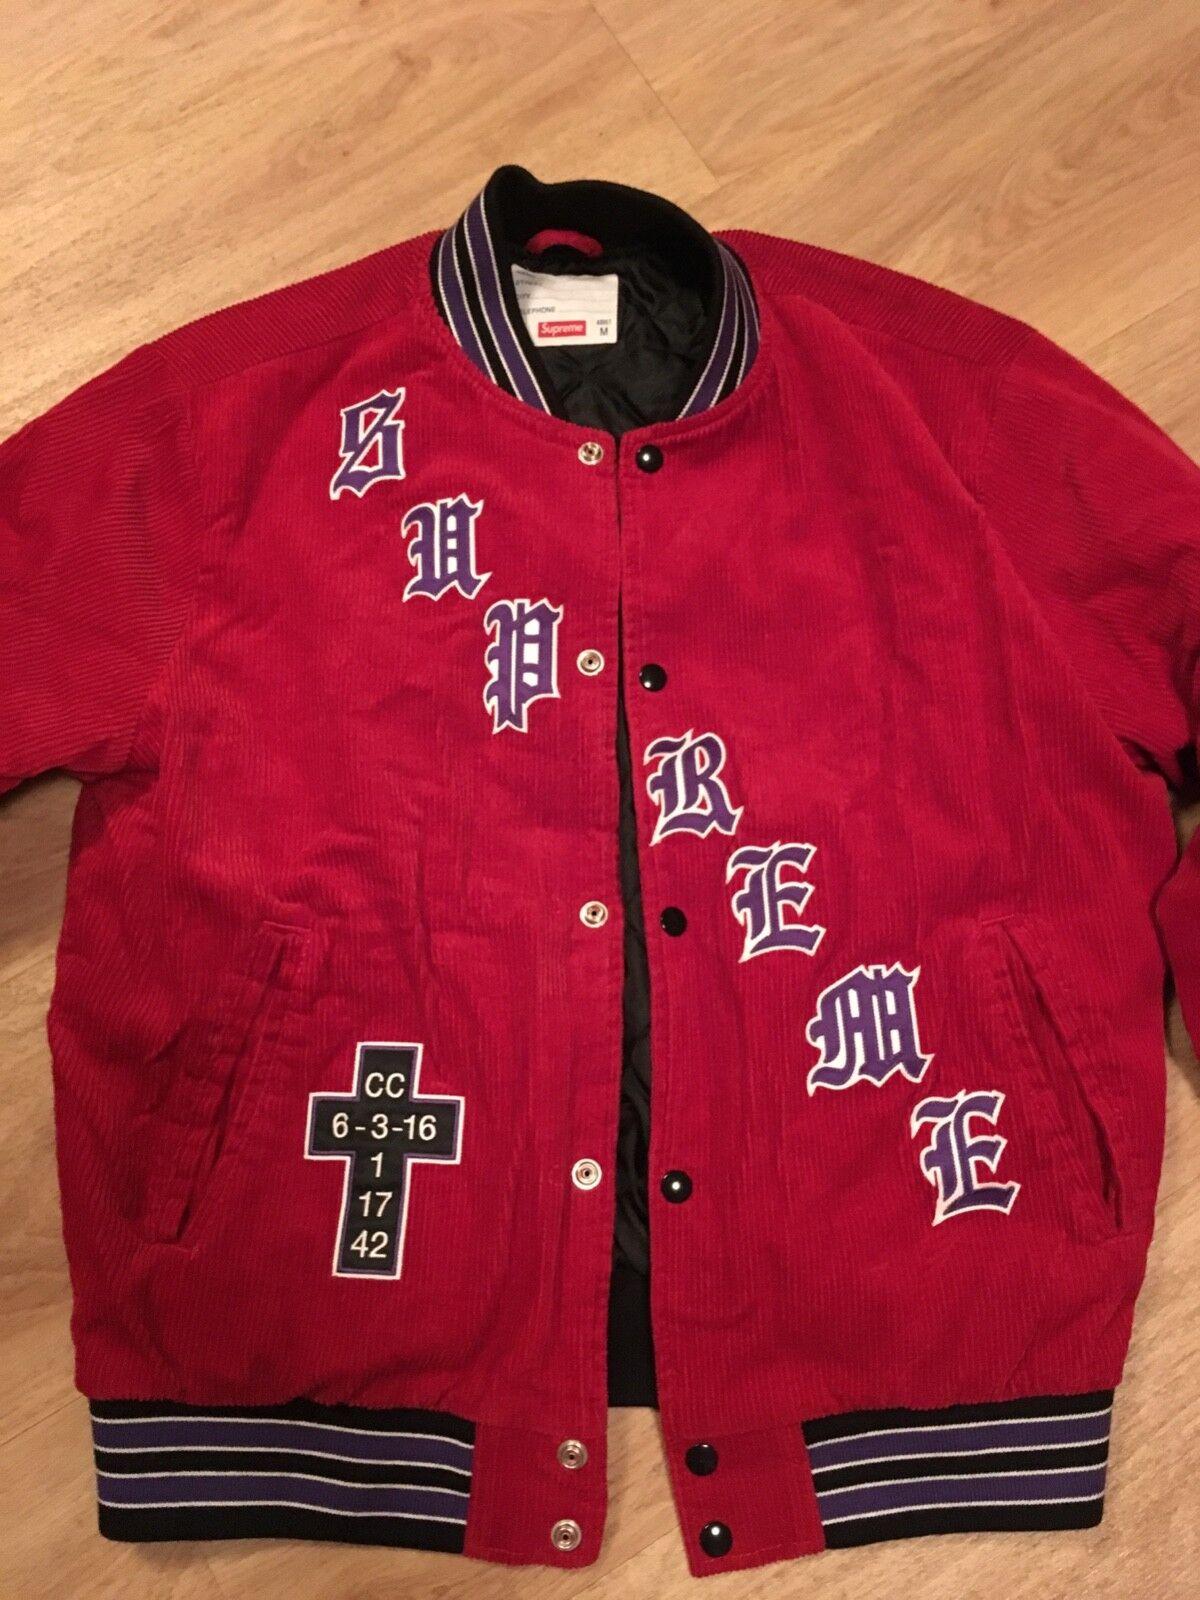 Veste supreme® rouge homme taille m 100% cotton